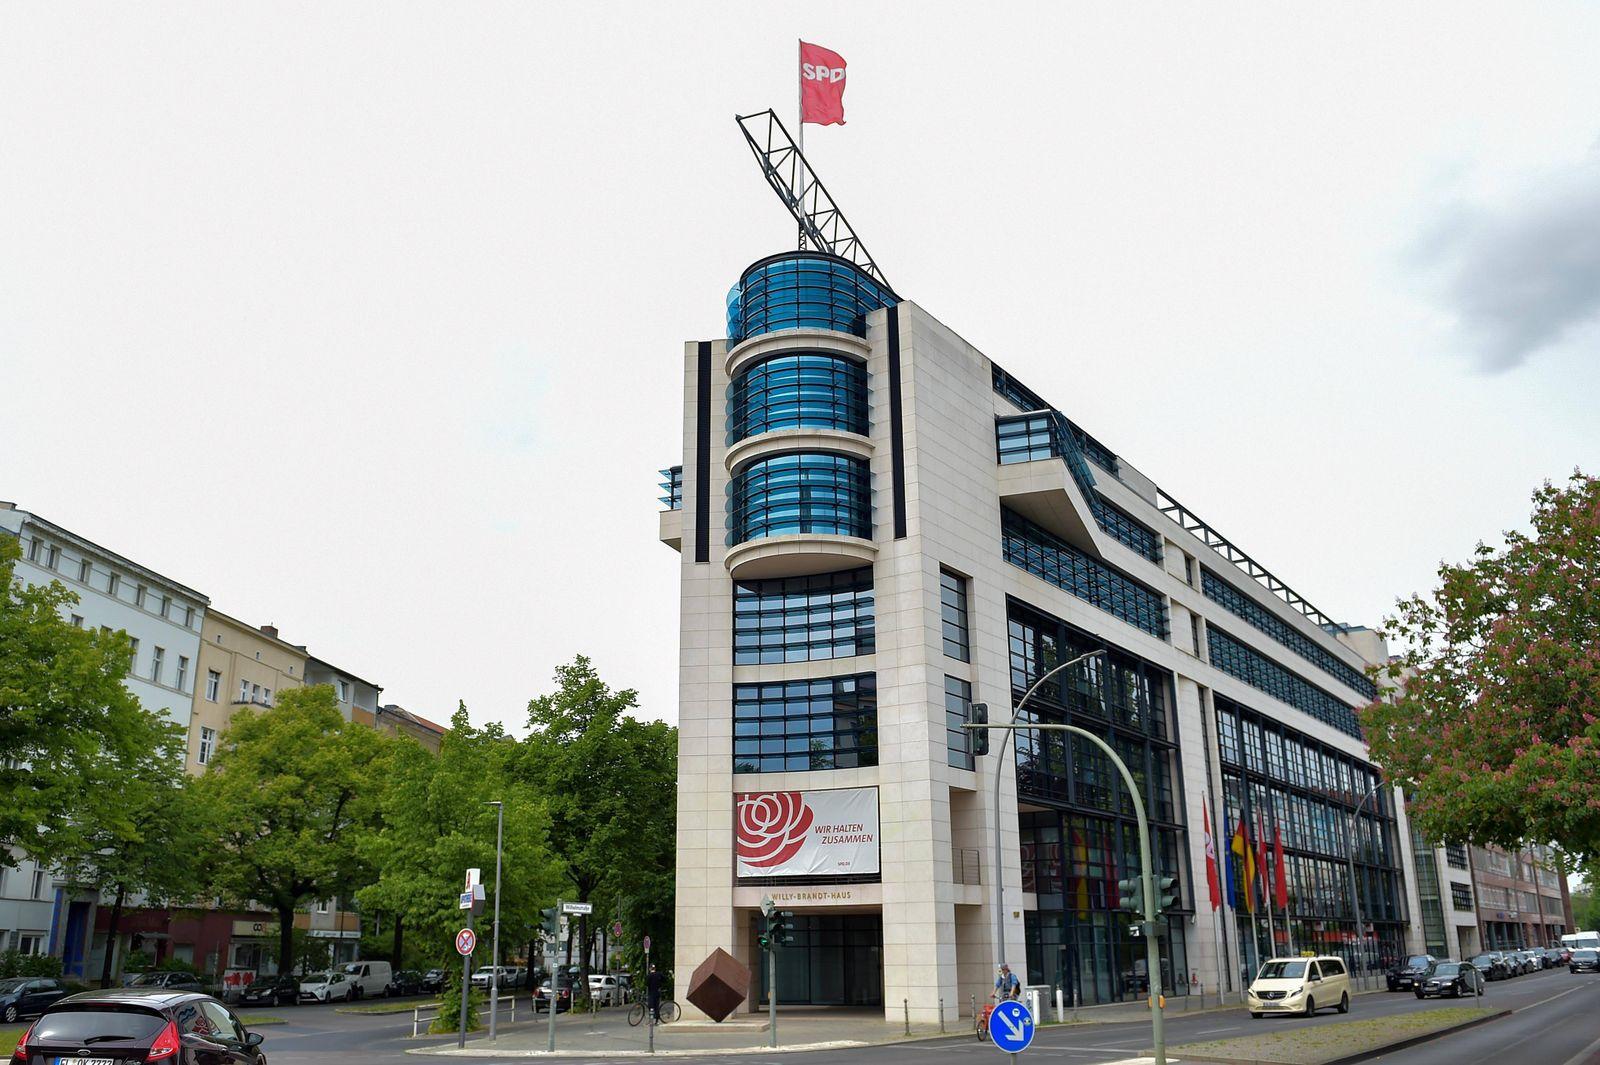 Bundeszentrale der SPD am 23.05.2020 in Berlin Die Bundeszentrale der SPD befindet sich im Willy-Brandt-Haus in Berlin K